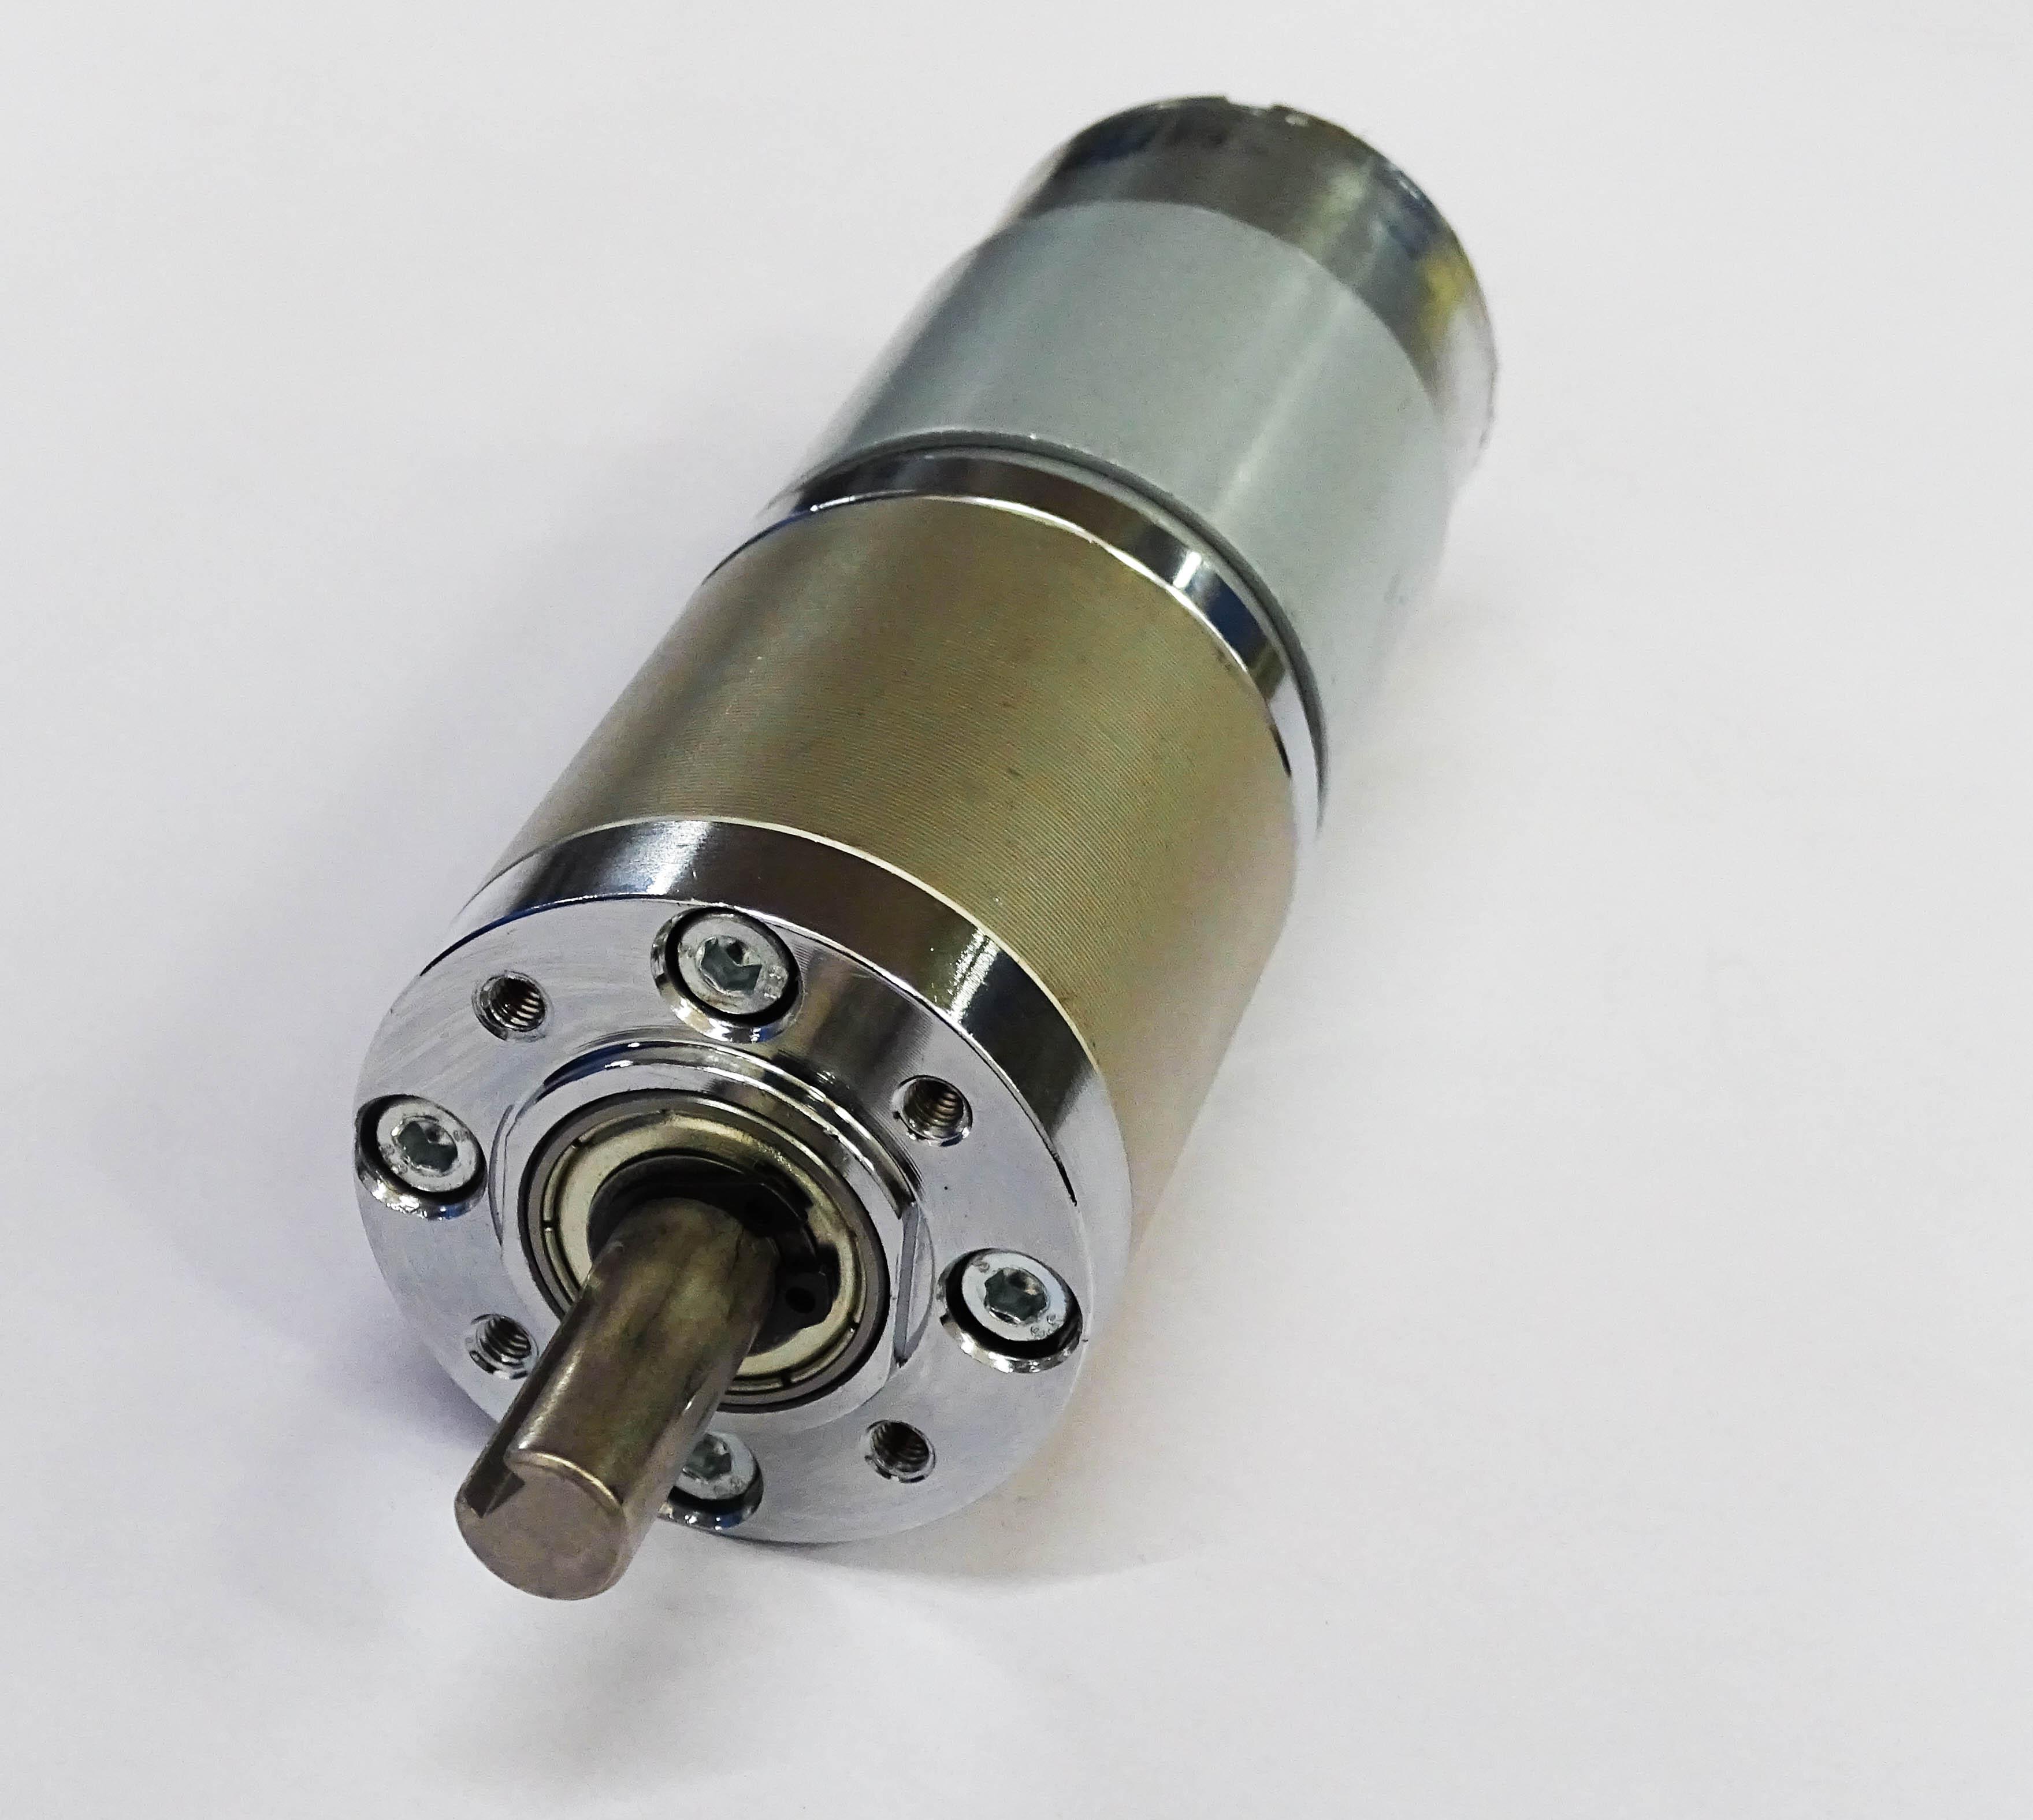 Tauren Planetary Gear Dc Motor 10 Rpm 12v